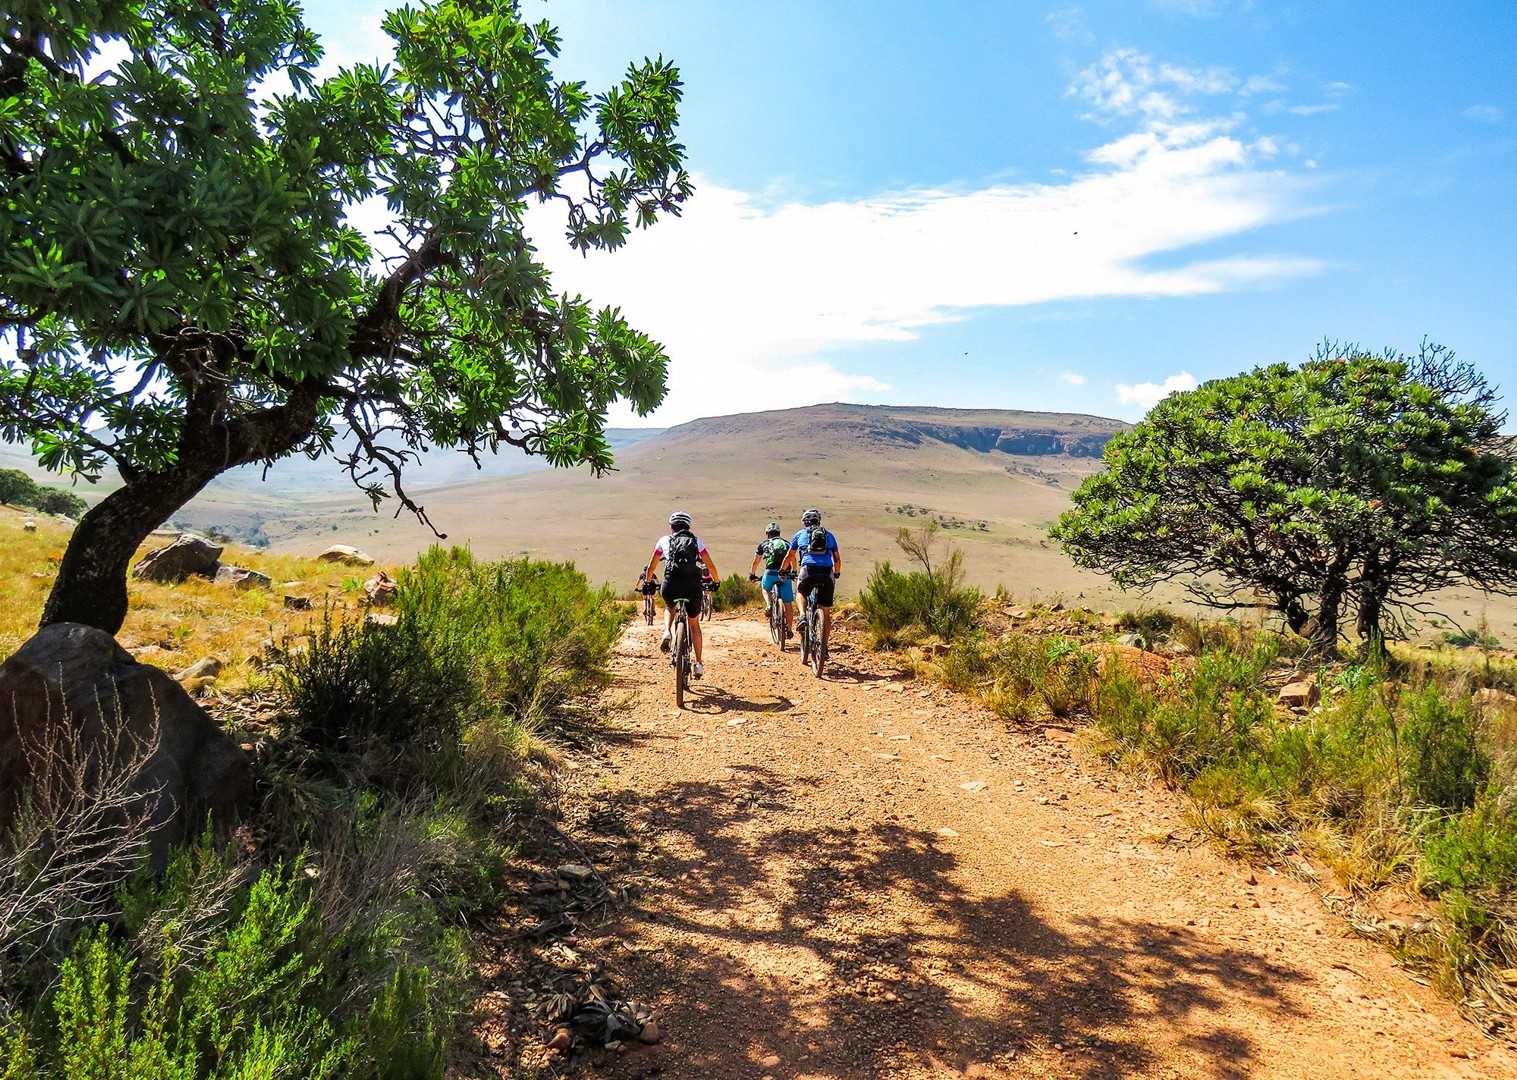 IMG_5474.jpg - NEW! South Africa and Botswana - Mountain Biking